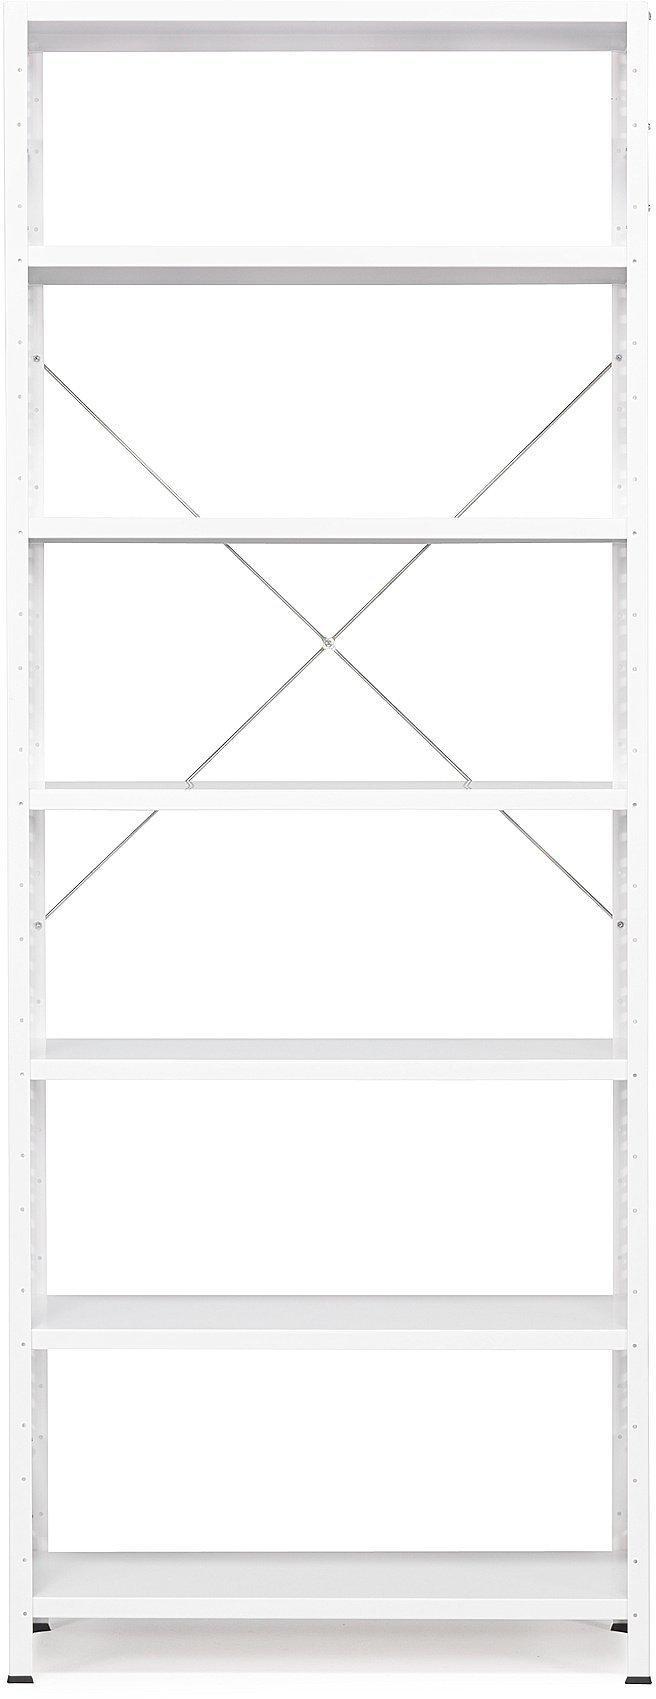 Kancelársky regál Light, základná sekcia, 2500x1010x400 mm, biely